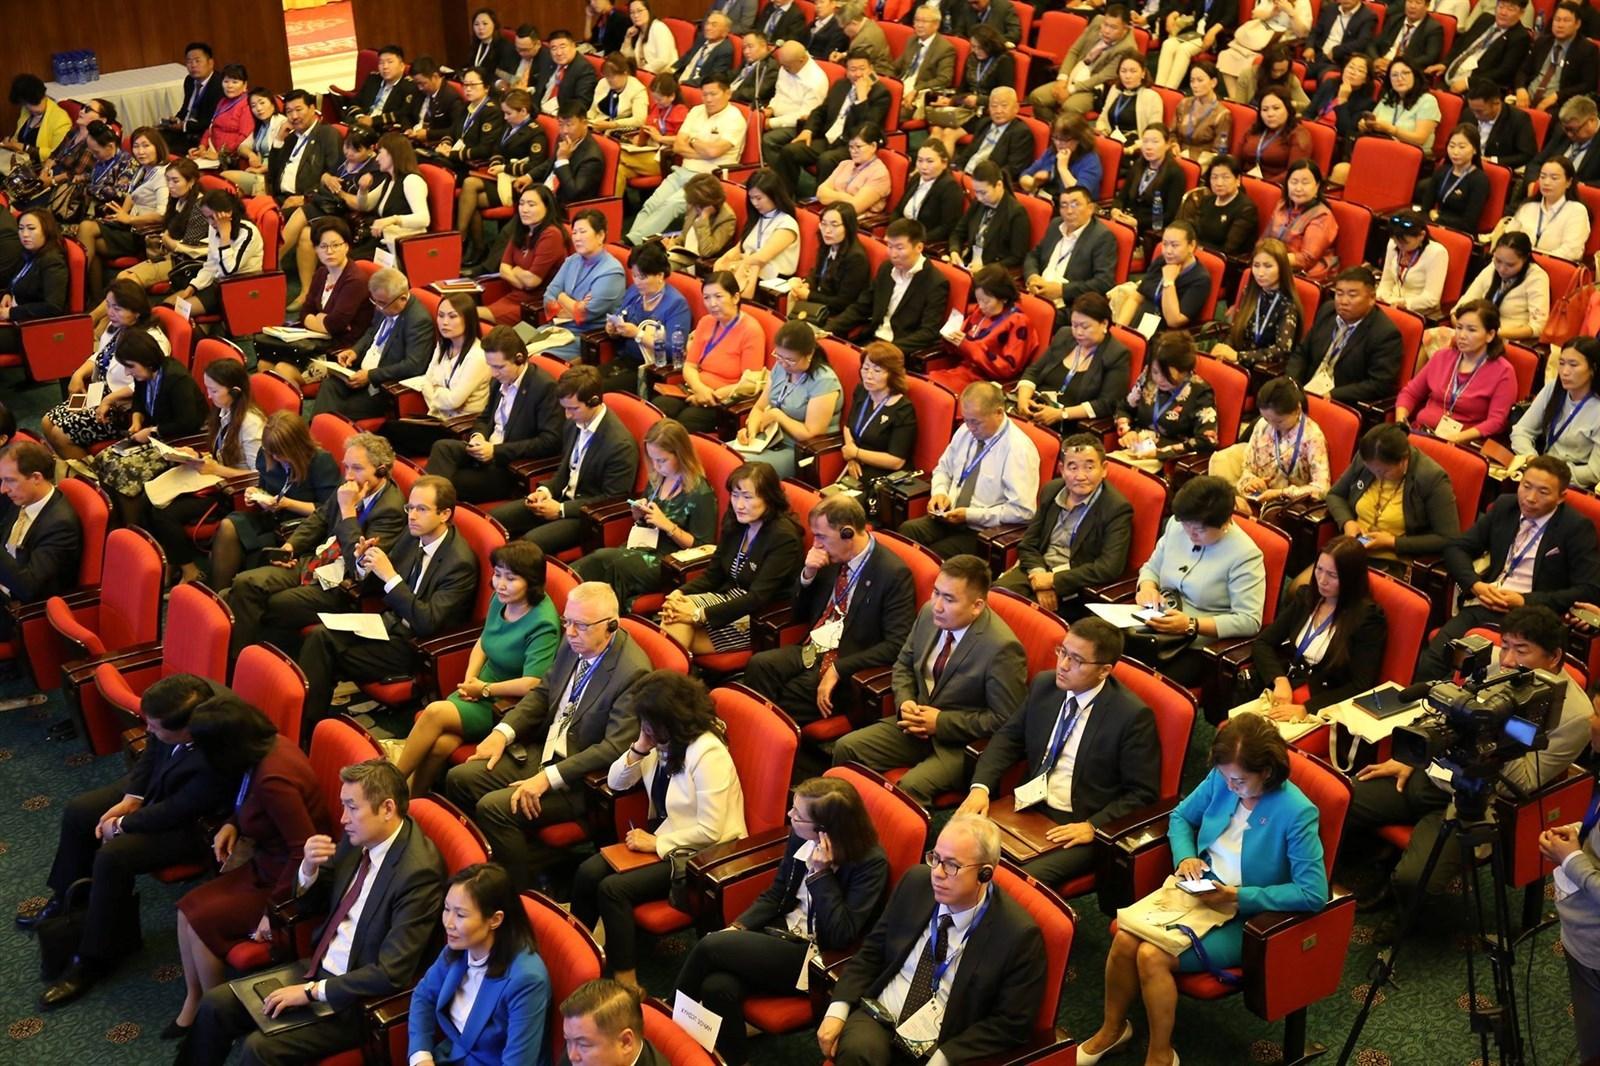 """УИХ-ын гишүүн Д.Тэрбишдагвын санаачилгаар """"Мэргэжлийн боловсрол, сургалт-Ажилсаг Монгол"""" зөвлөгөөн боллоо"""